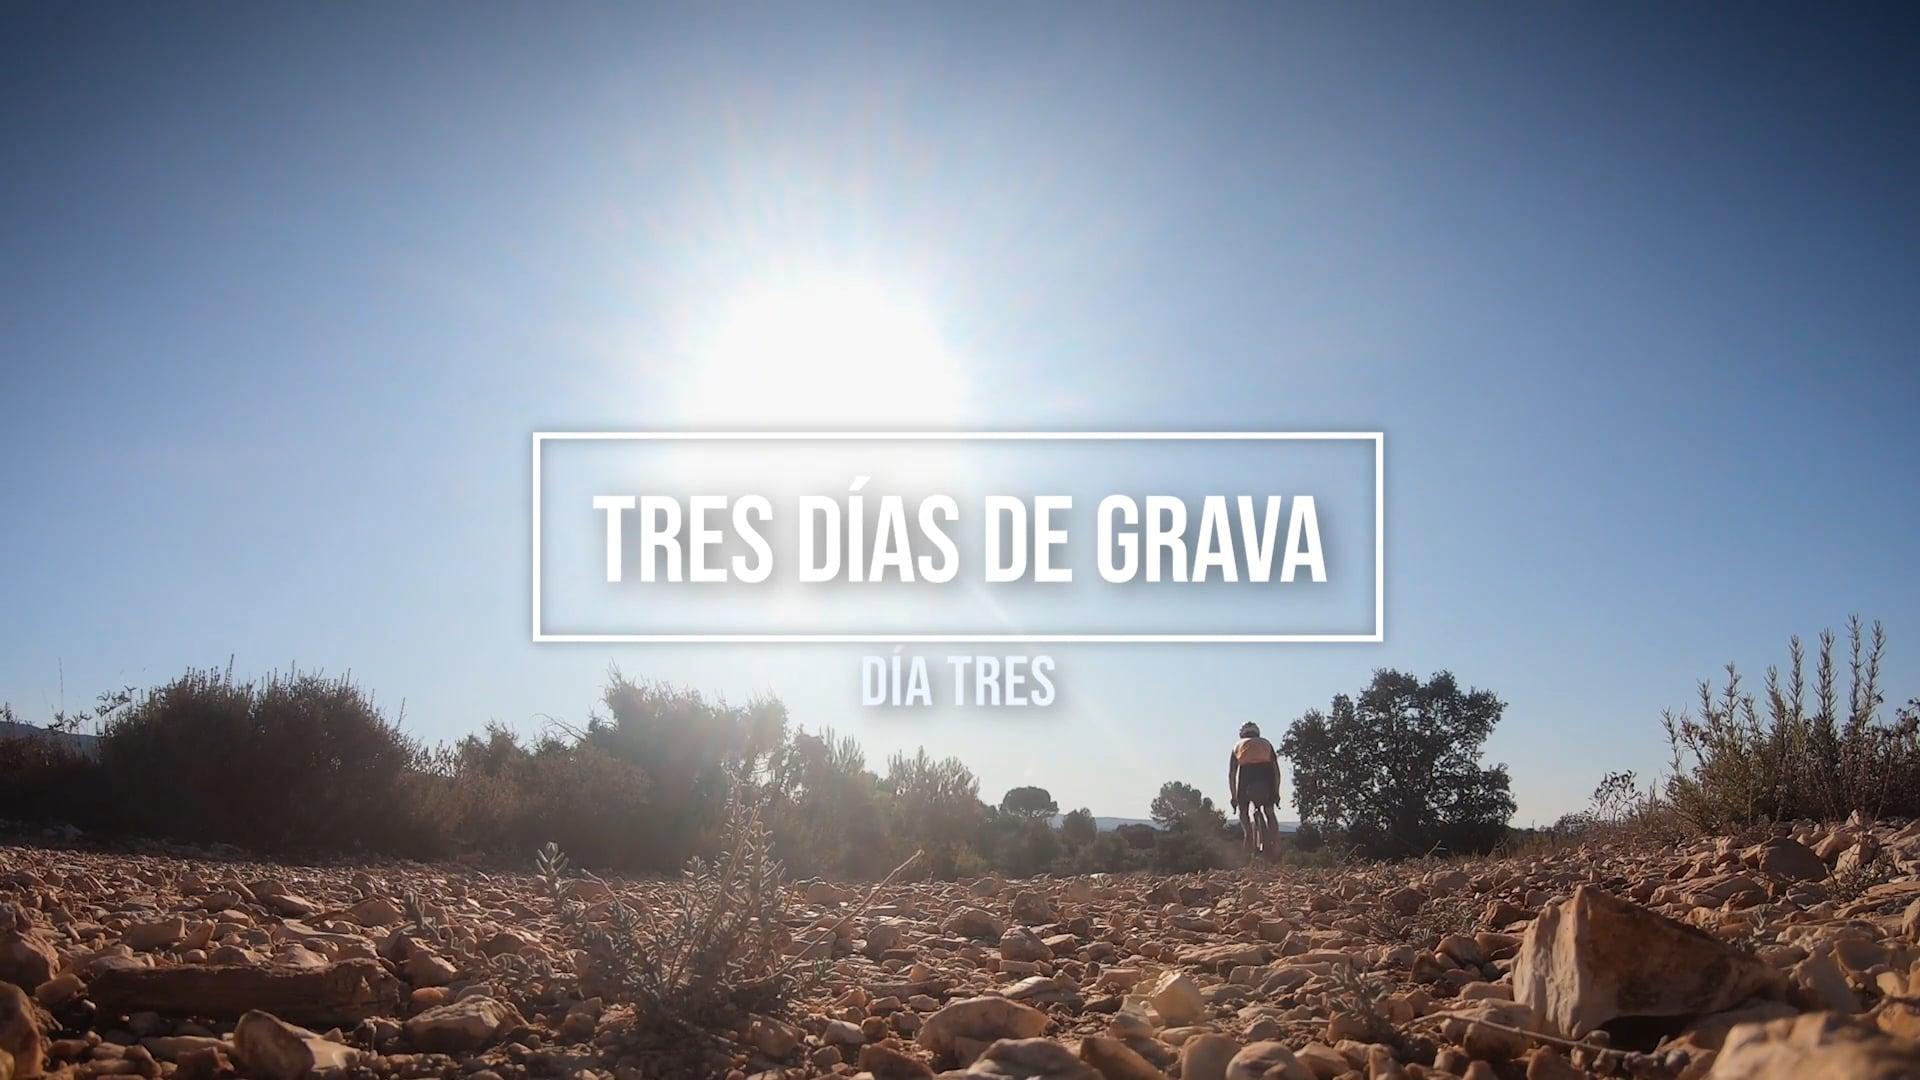 Tres días de grava - Día tres (Three days of gravel - Day three)